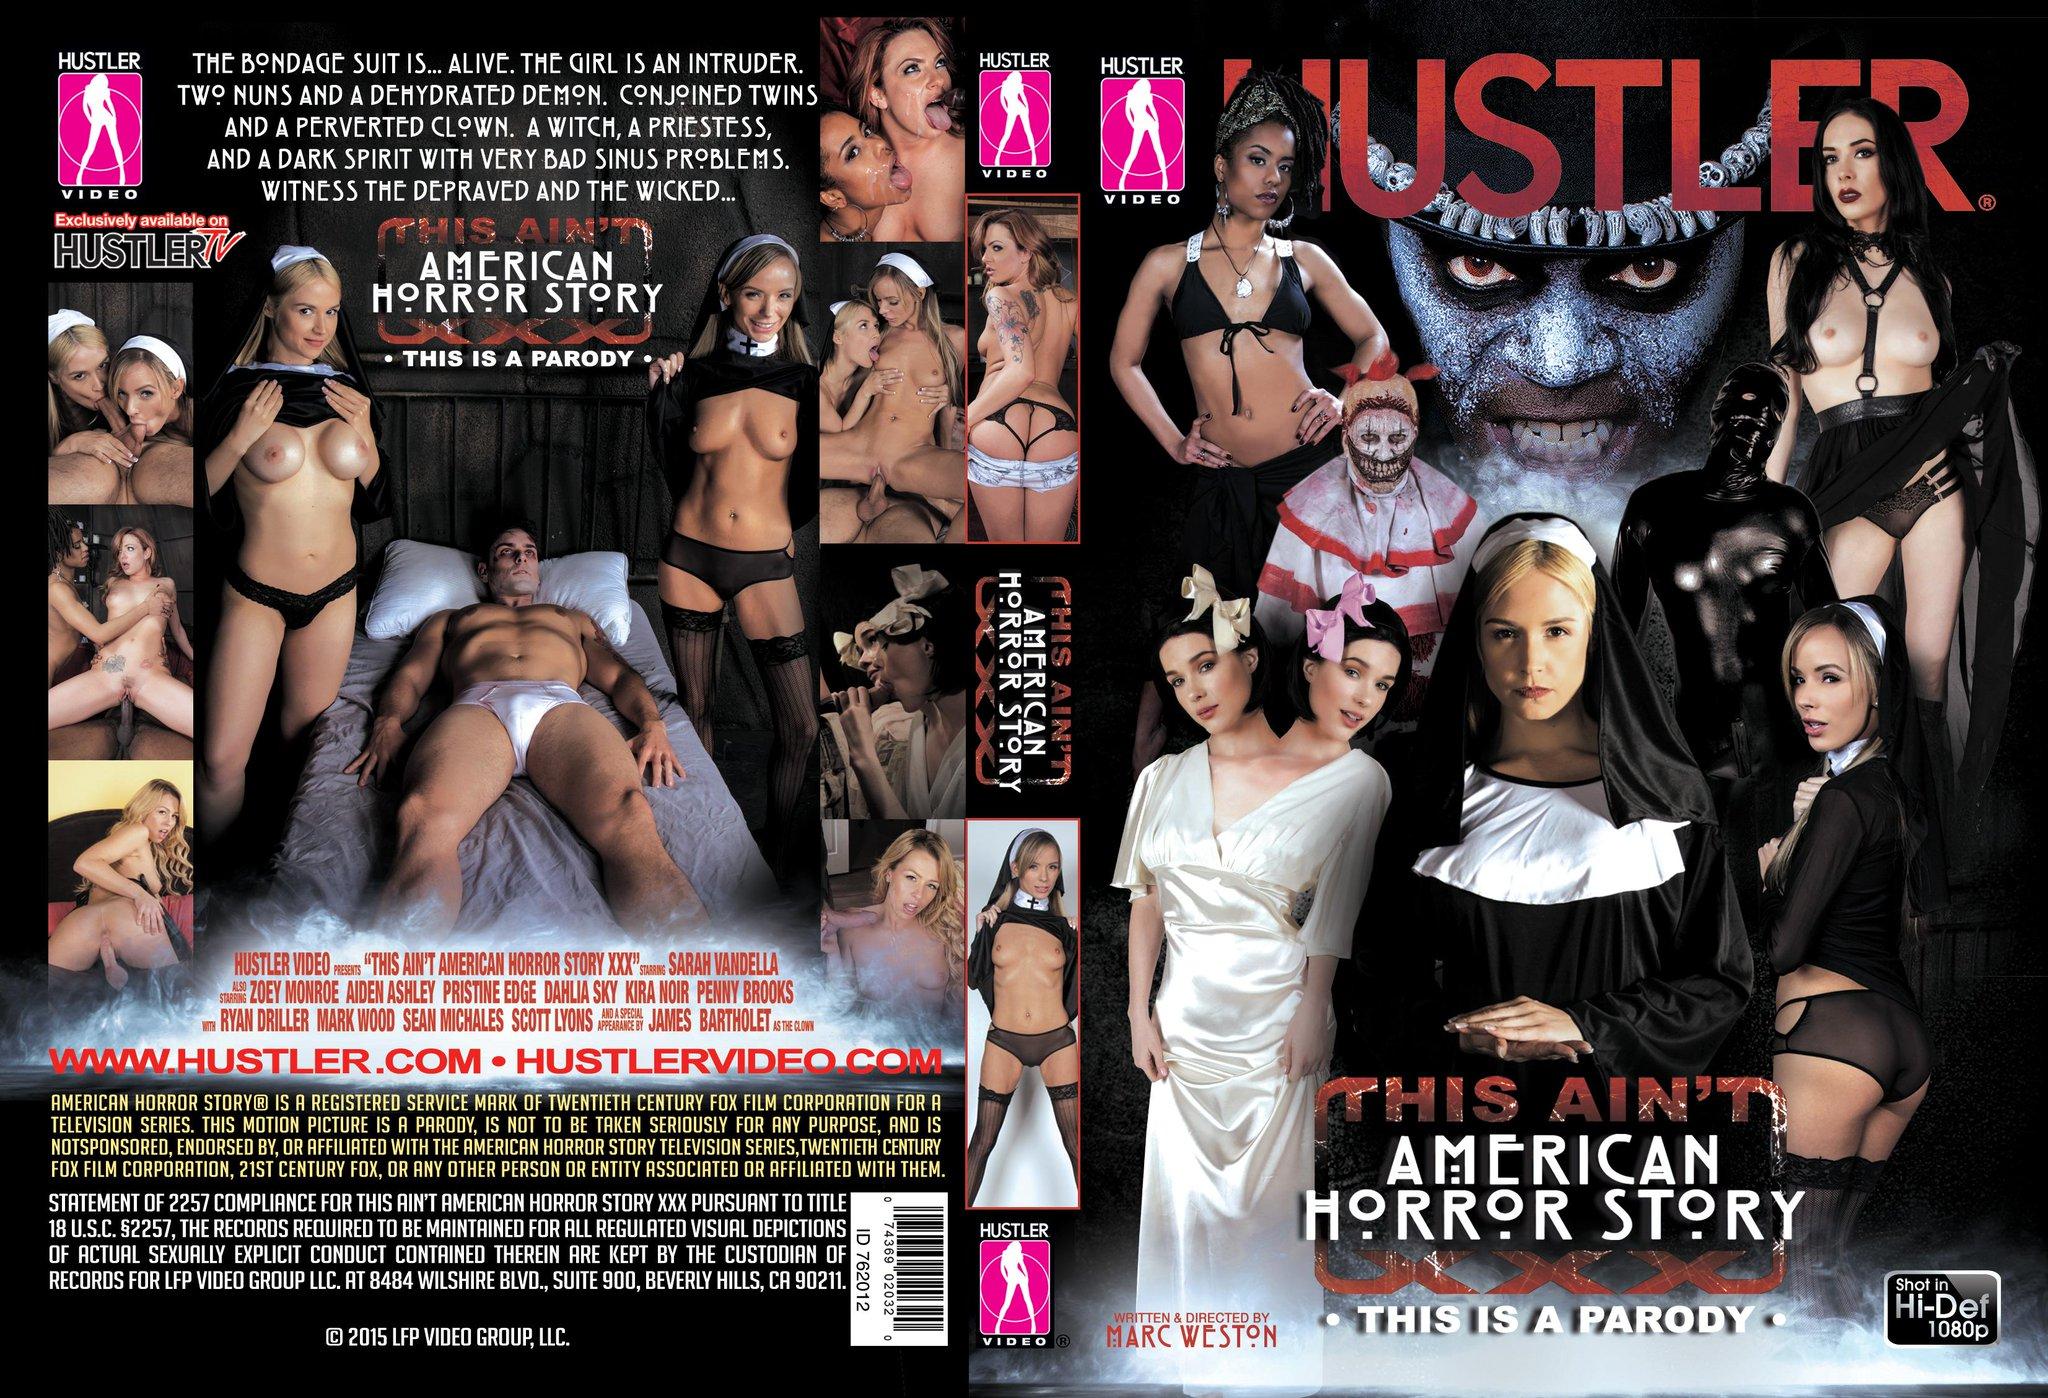 Online Hustler xxx movies